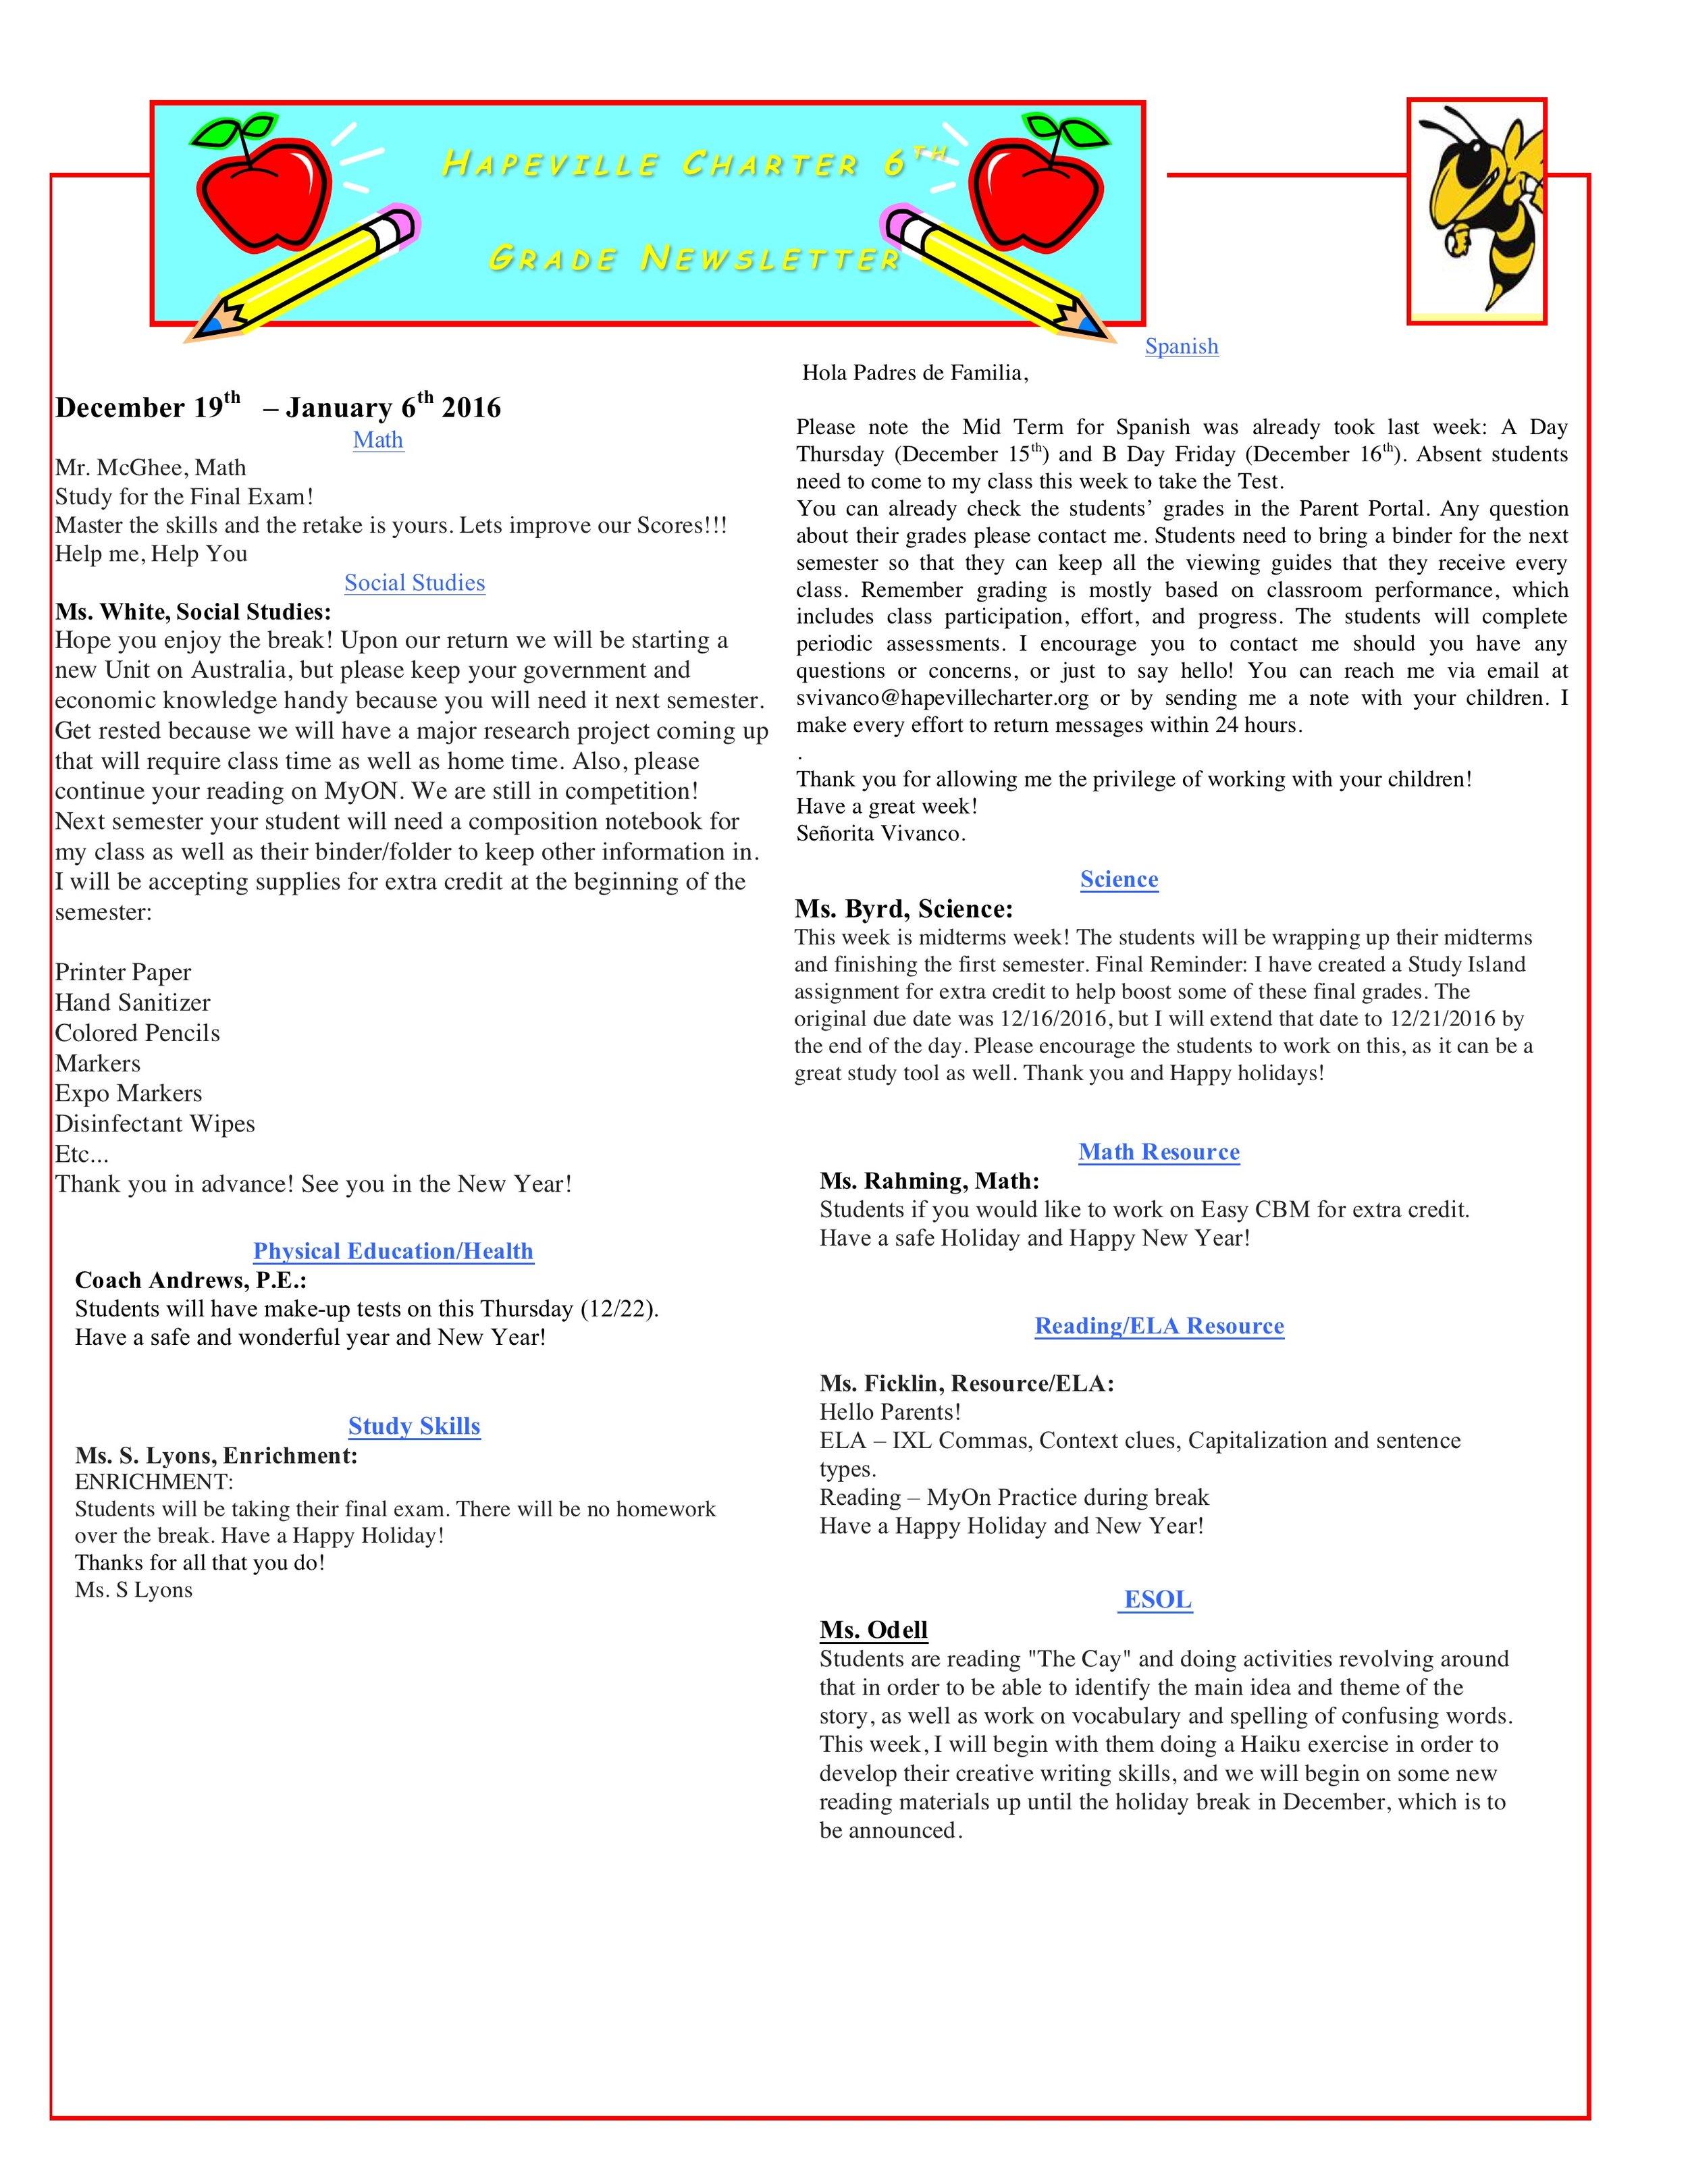 Newsletter Image6th Grade Newsletter 12-19-2016.jpeg